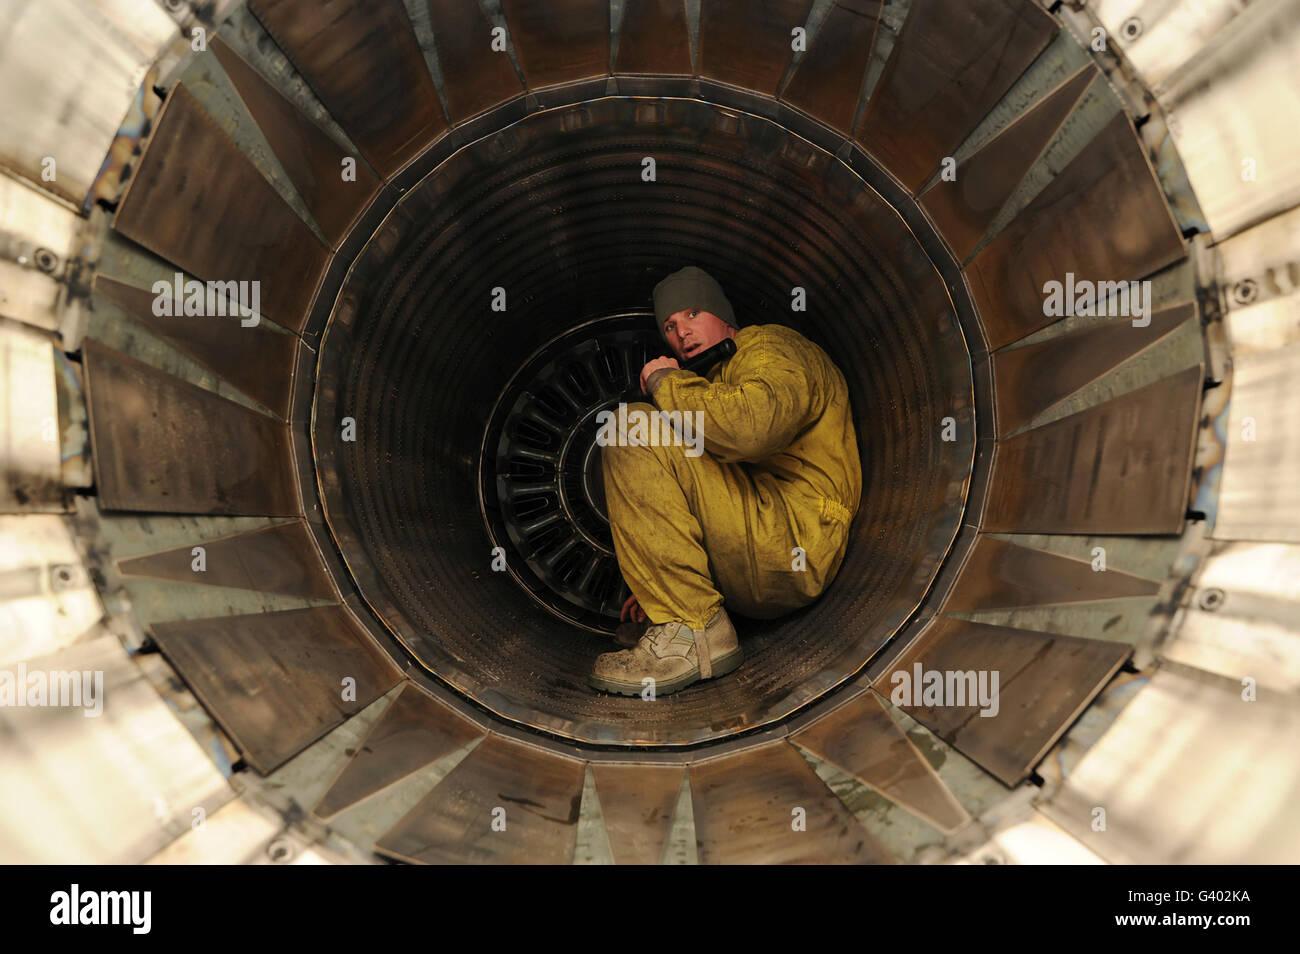 Un technicien d'aéronef inspecte la ligne d'échappement d'un F-16 Fighting Falcon. Banque D'Images